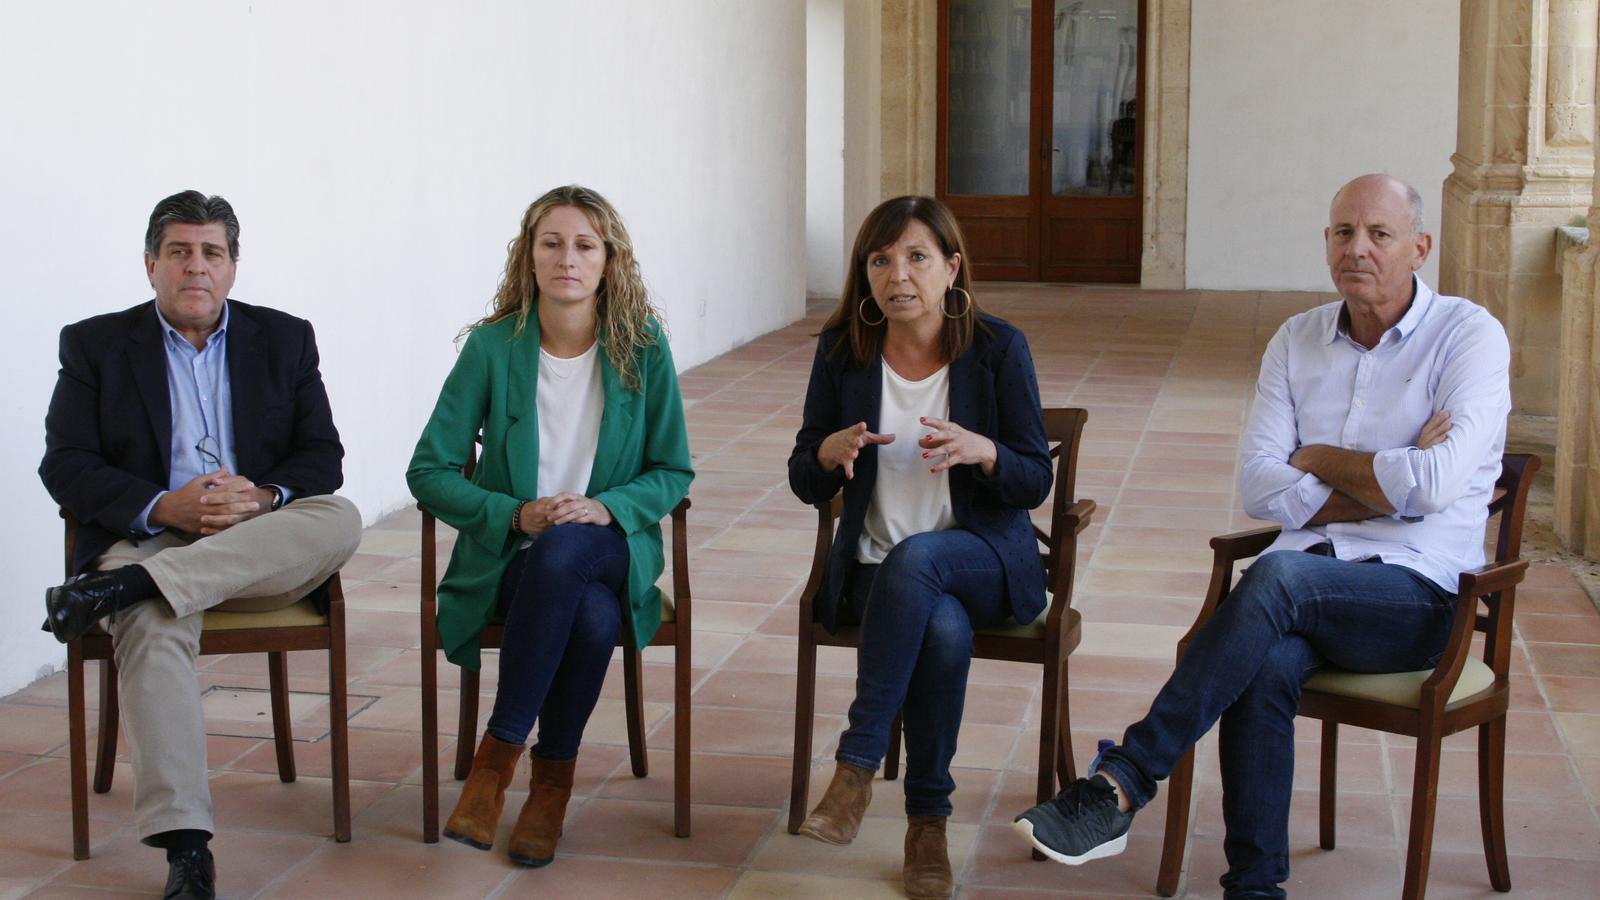 La batlessa, Catalina Sureda, explicant la baixada de tributs vora els portaveus del pacte.